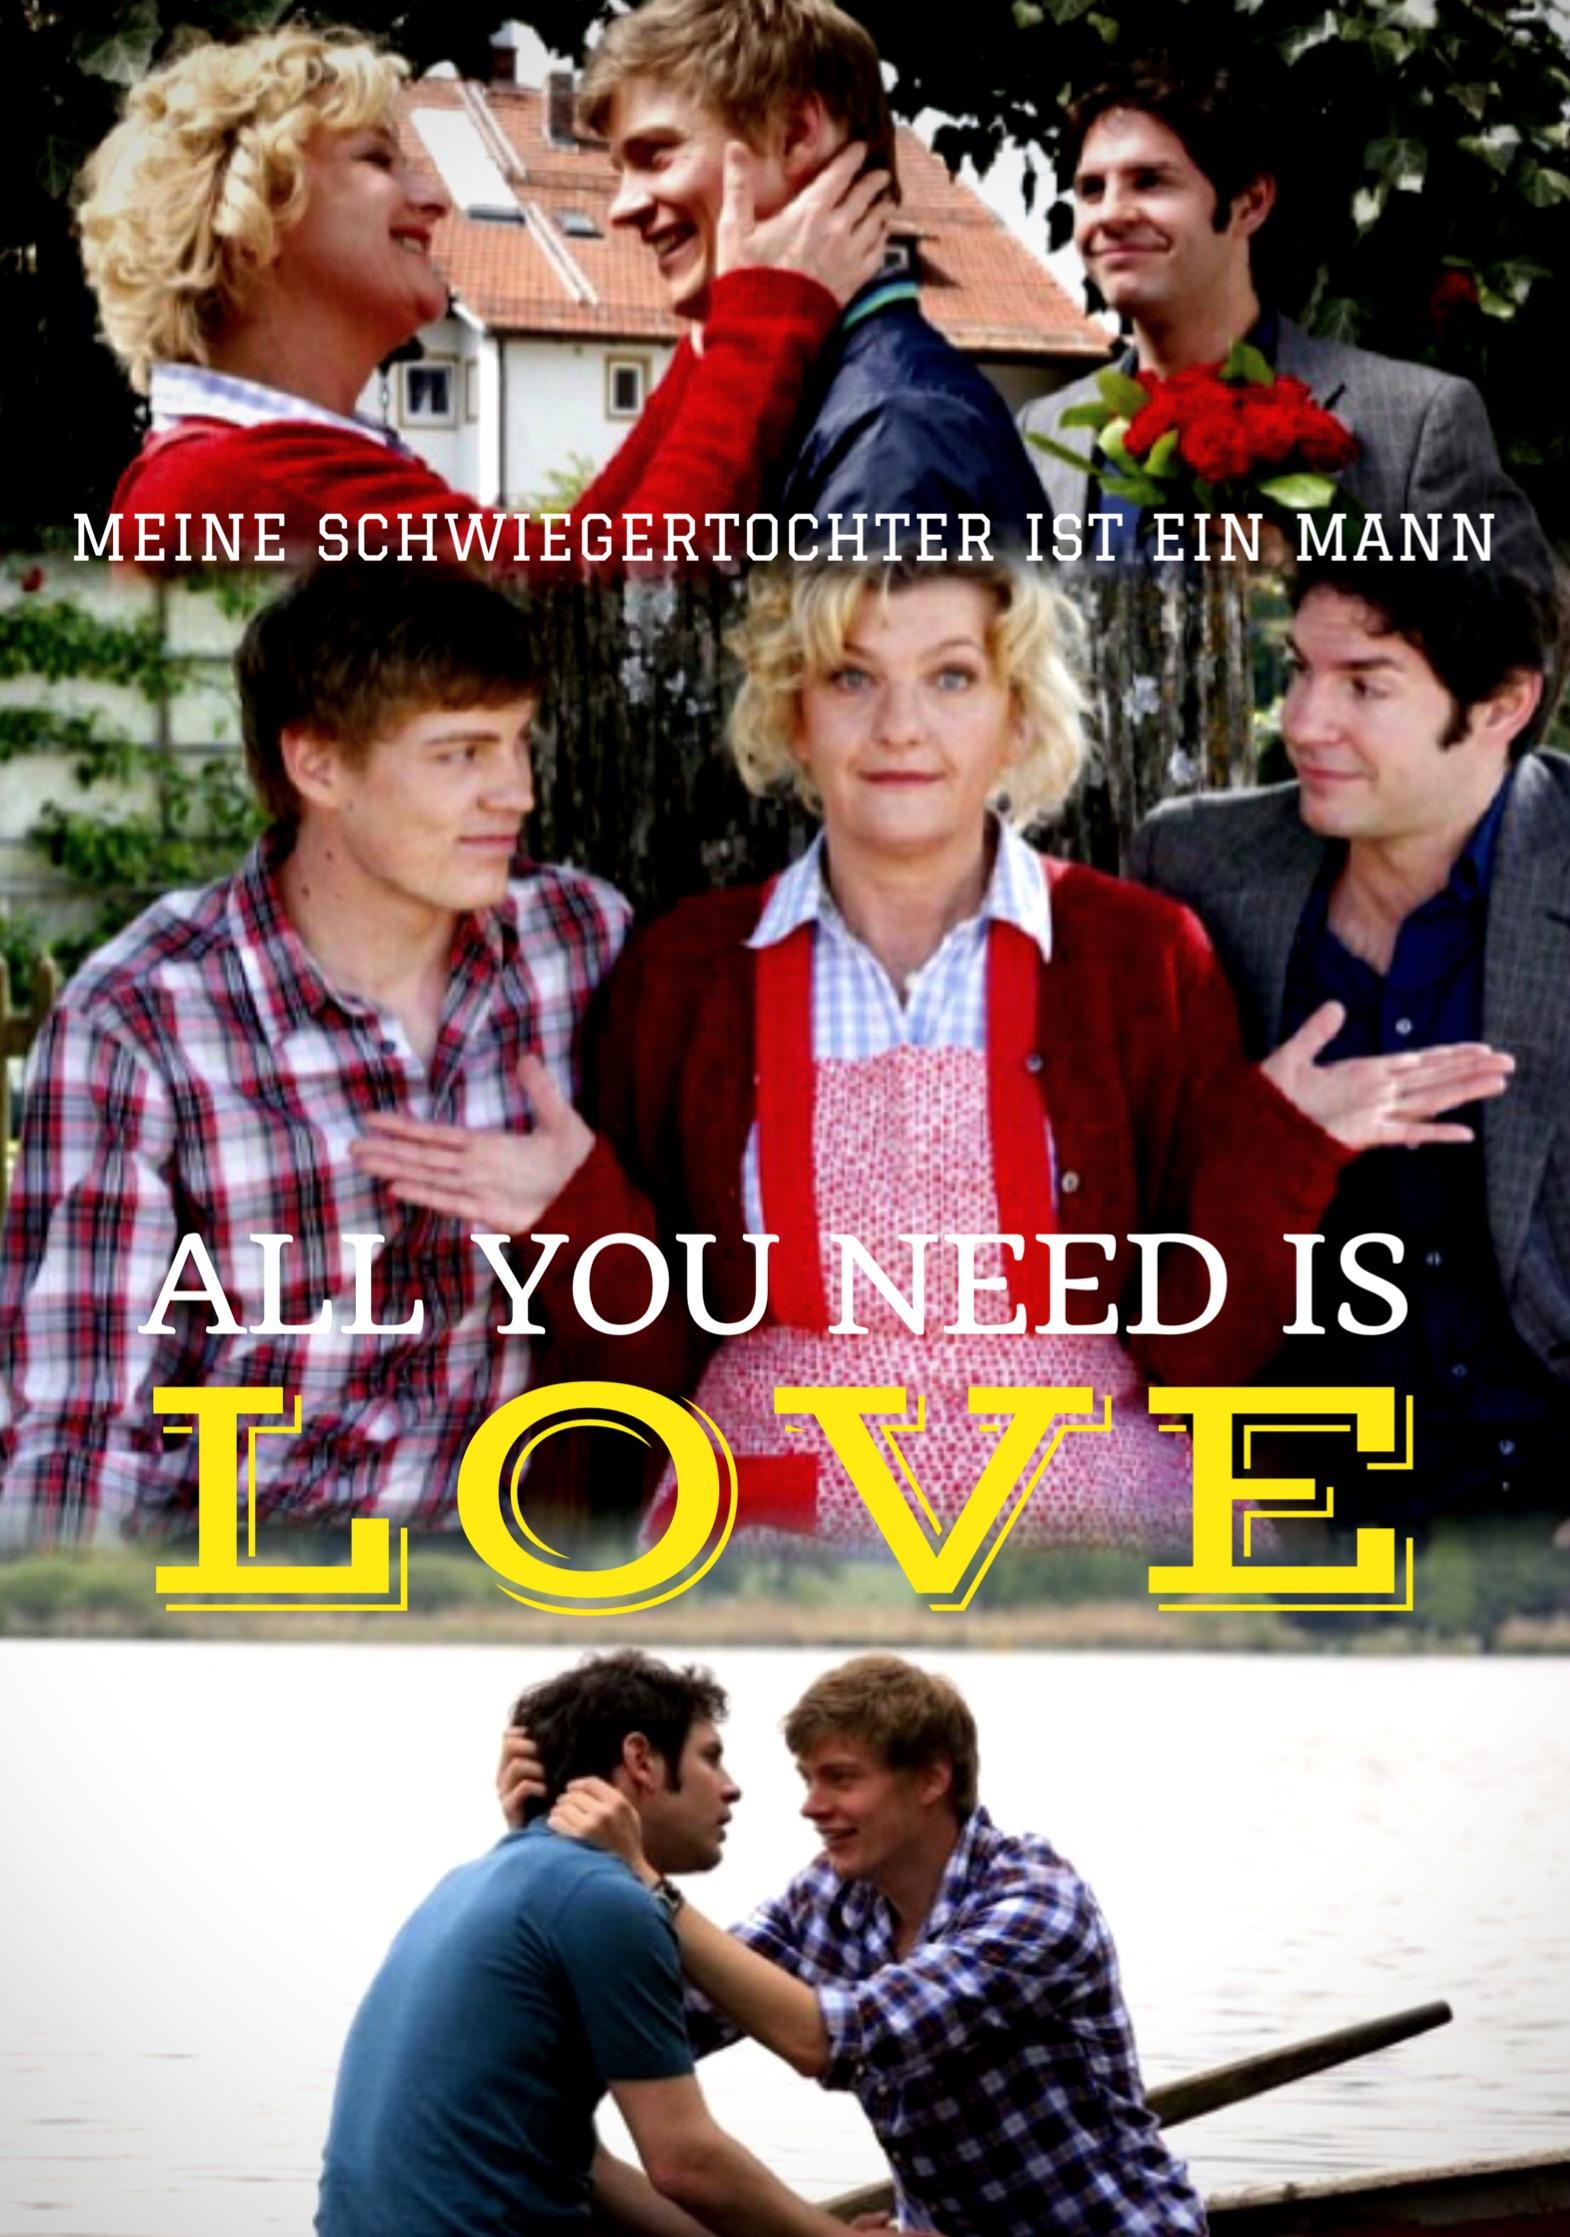 Всё, что тебе нужно - это любовь